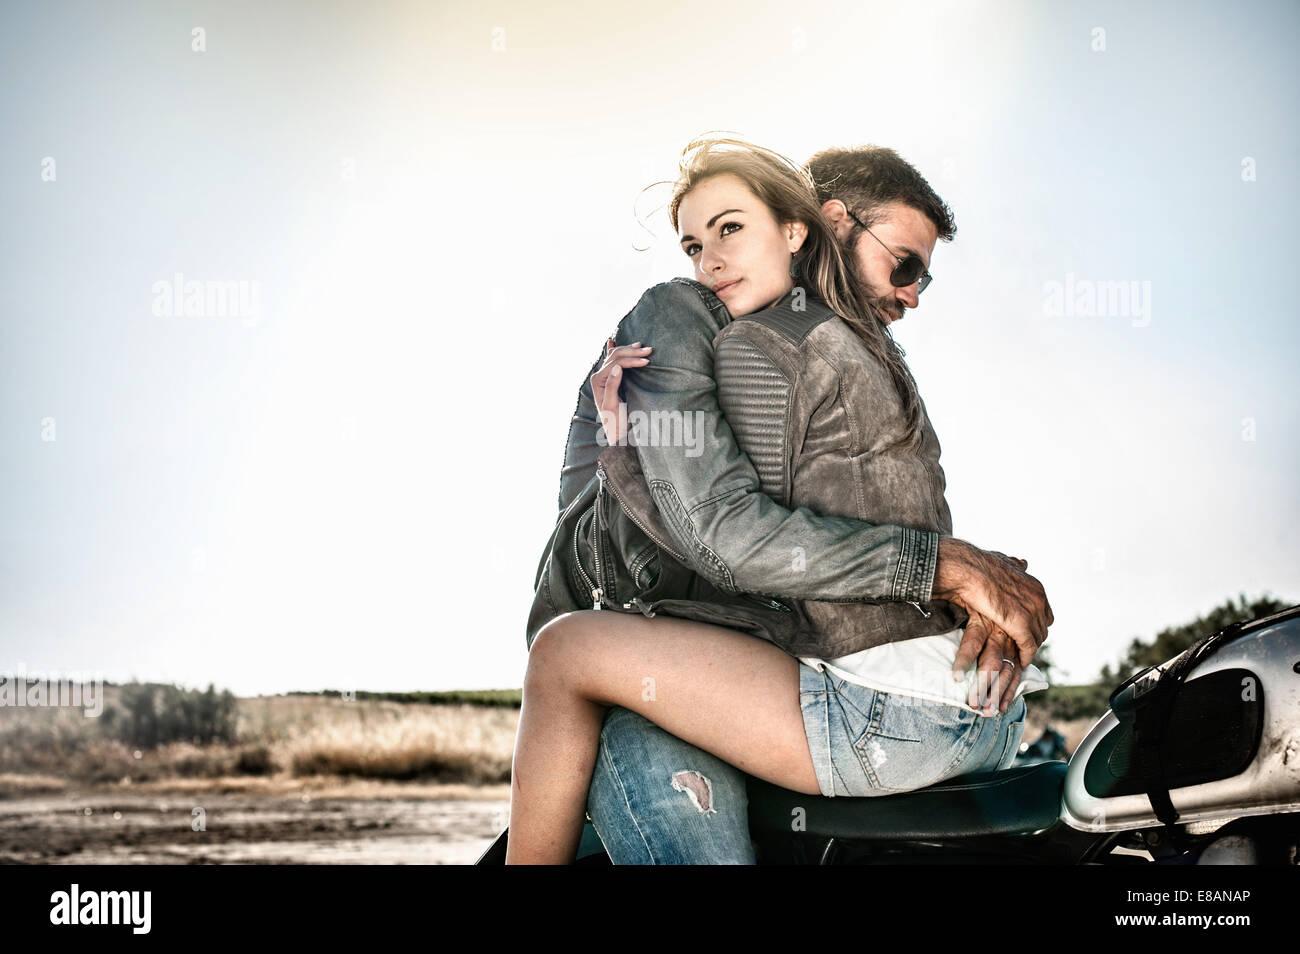 Junges Paar umarmt und gebietsübergreifende Motorrad auf trockenen Ebene, Cagliari, Sardinien, Italien Stockbild